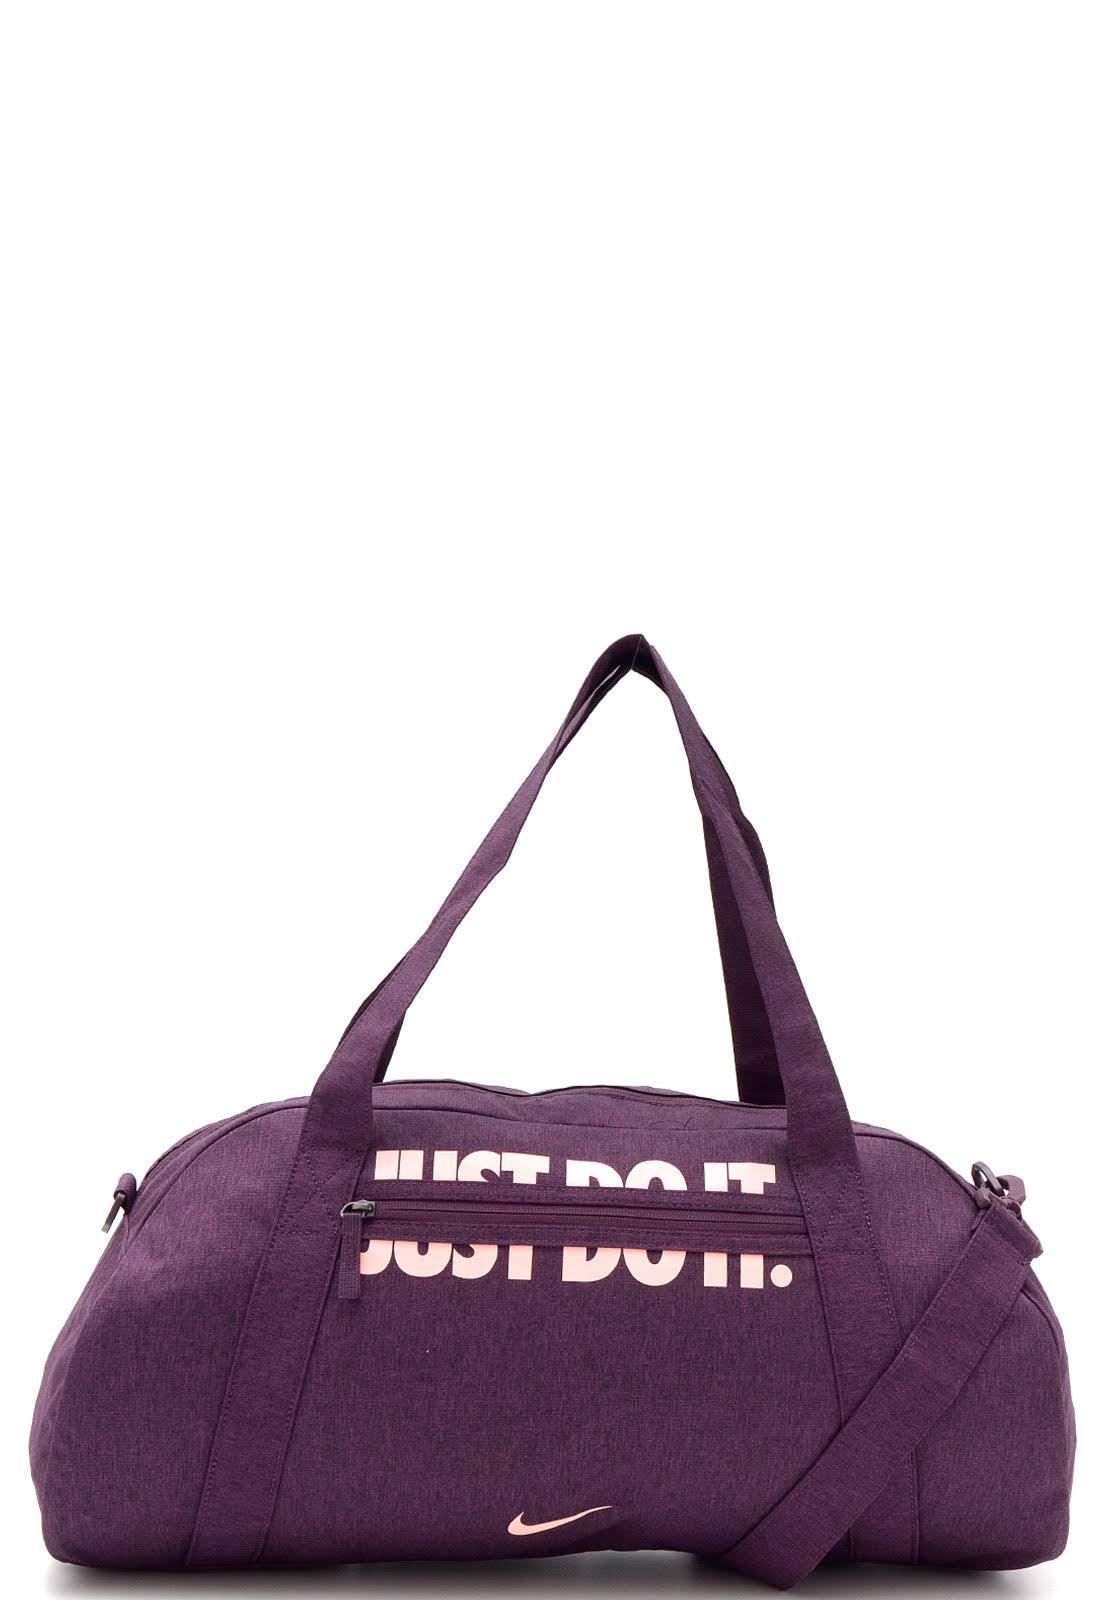 Gym Bag Nike Gym Nike damesBord voor Bag NnPvm8wO0y